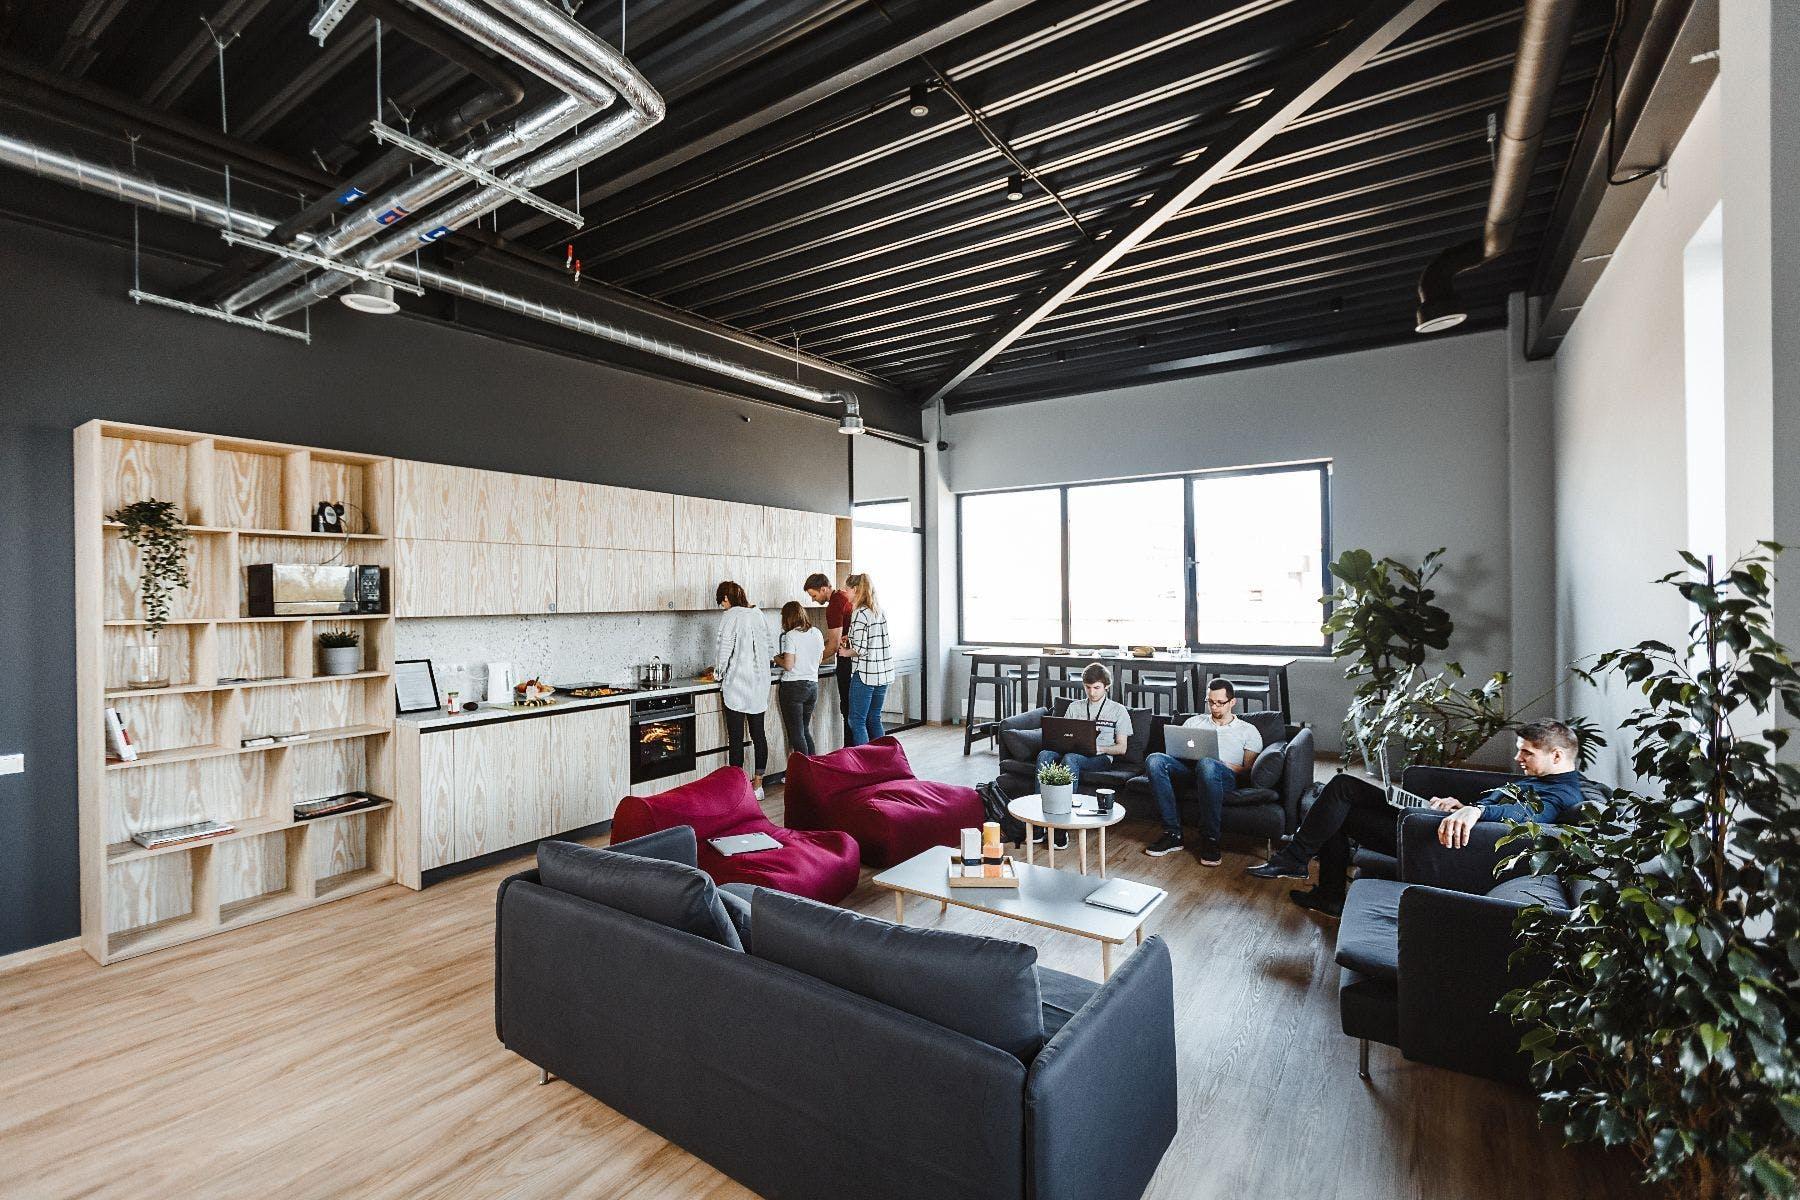 54 Residents | Klaipėda | Stylishly Renovated Apt. w/ Coworking + Gym